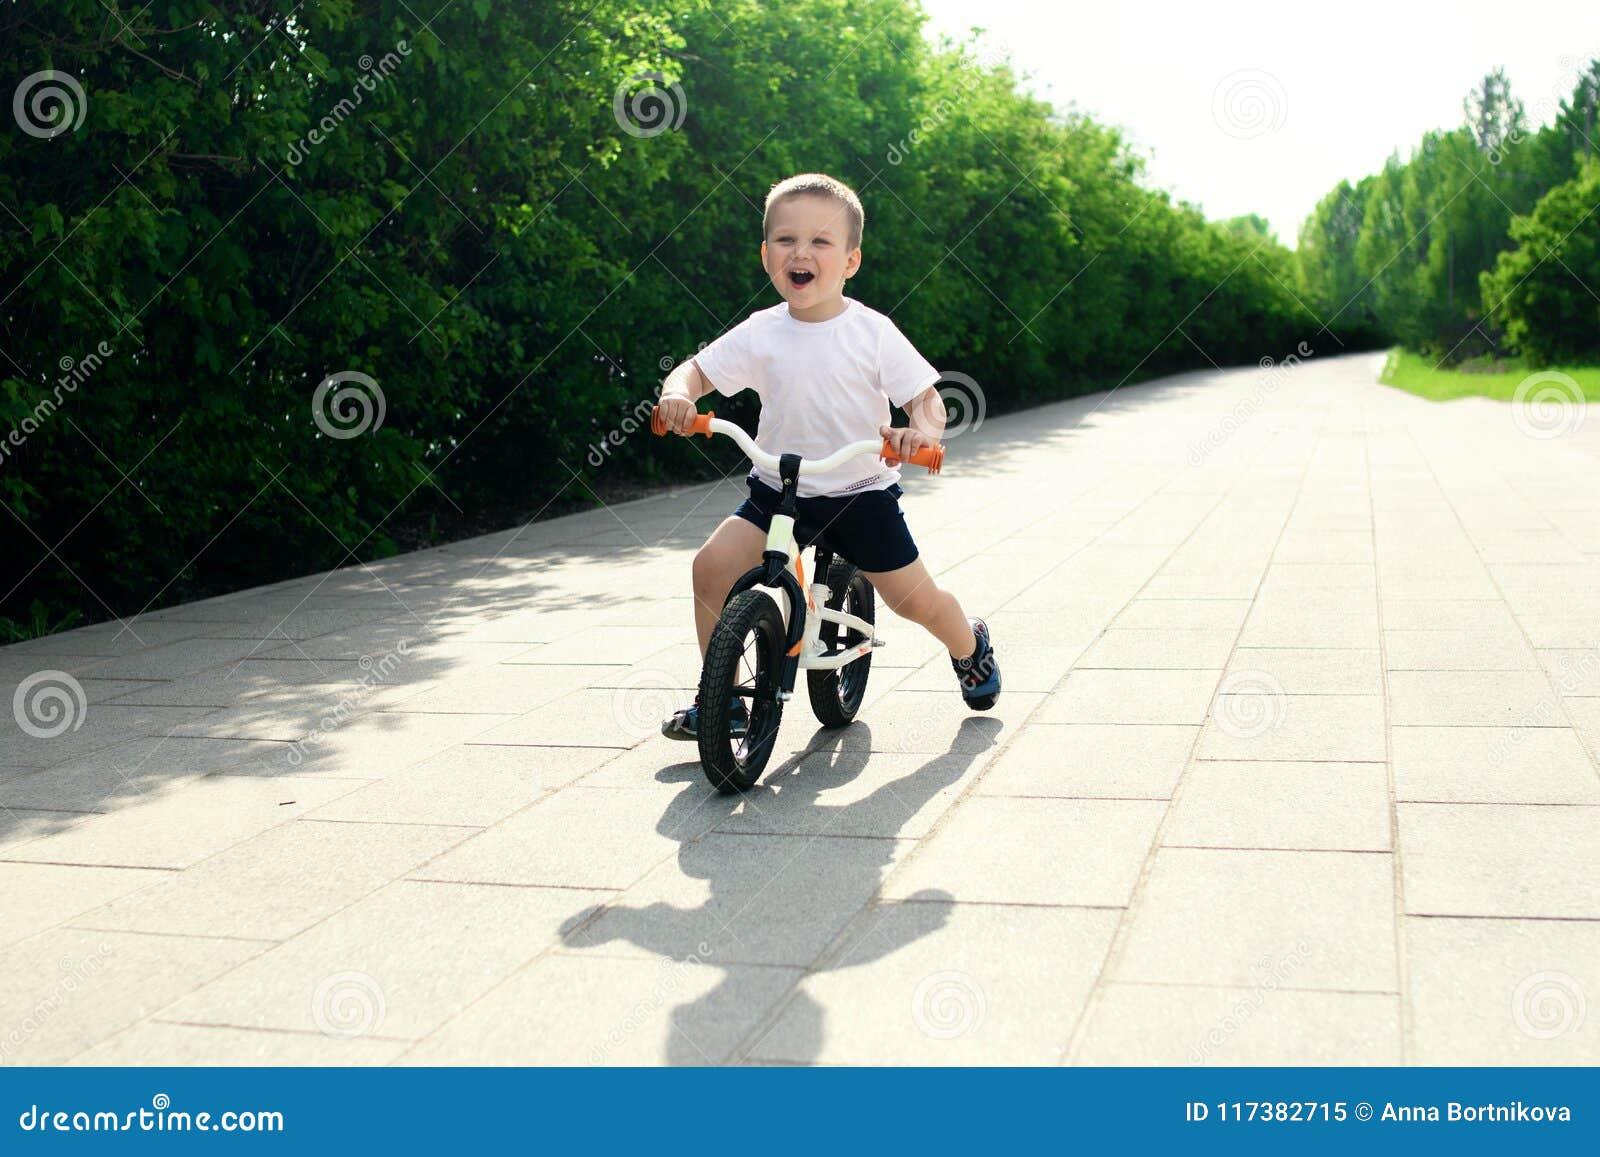 Мальчик на велосипеде Уловленный в движении, на подъездной дороге Presch